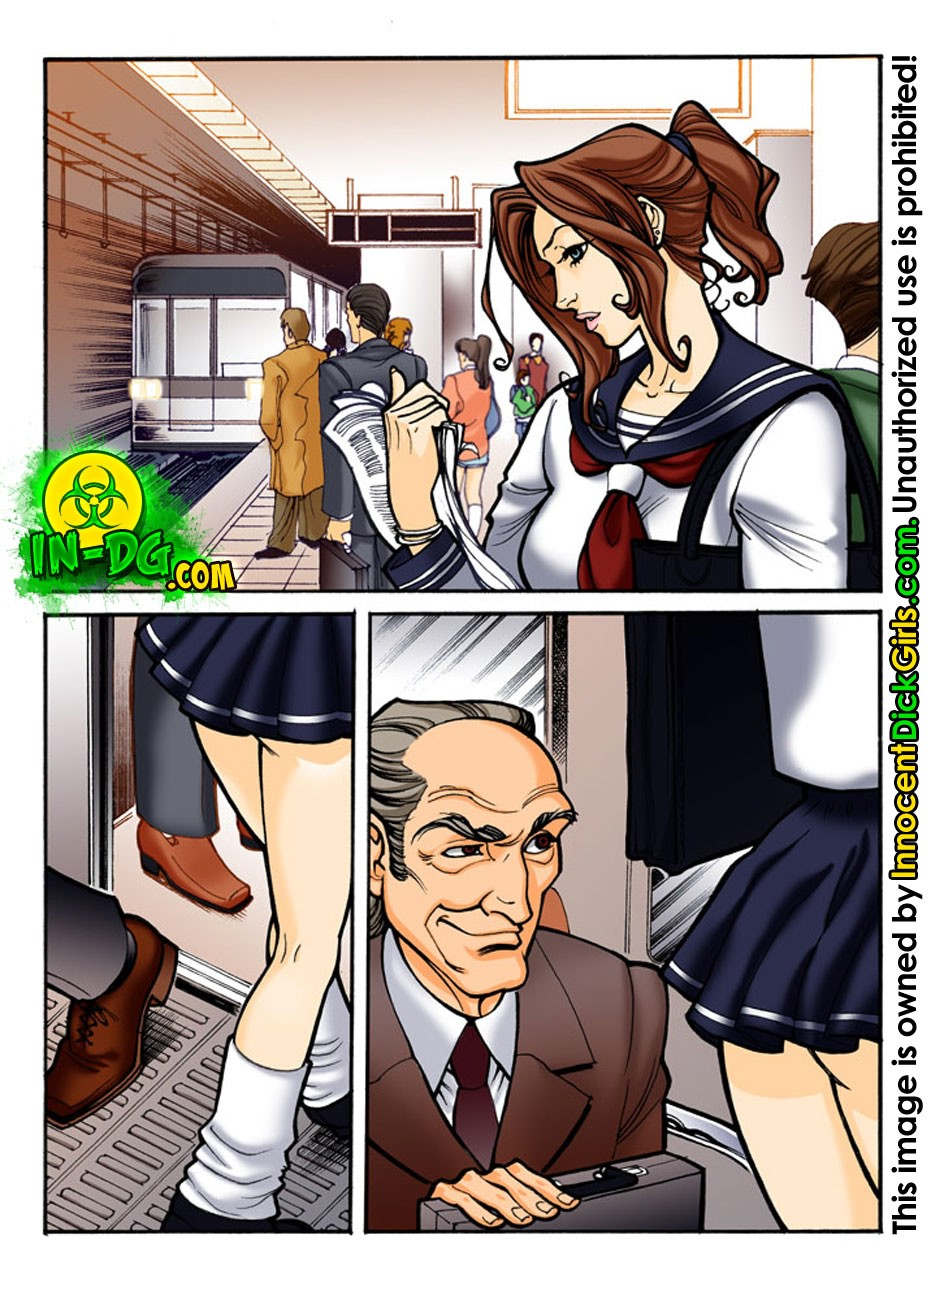 33-hentai-mulher-de-pica-traveco-01